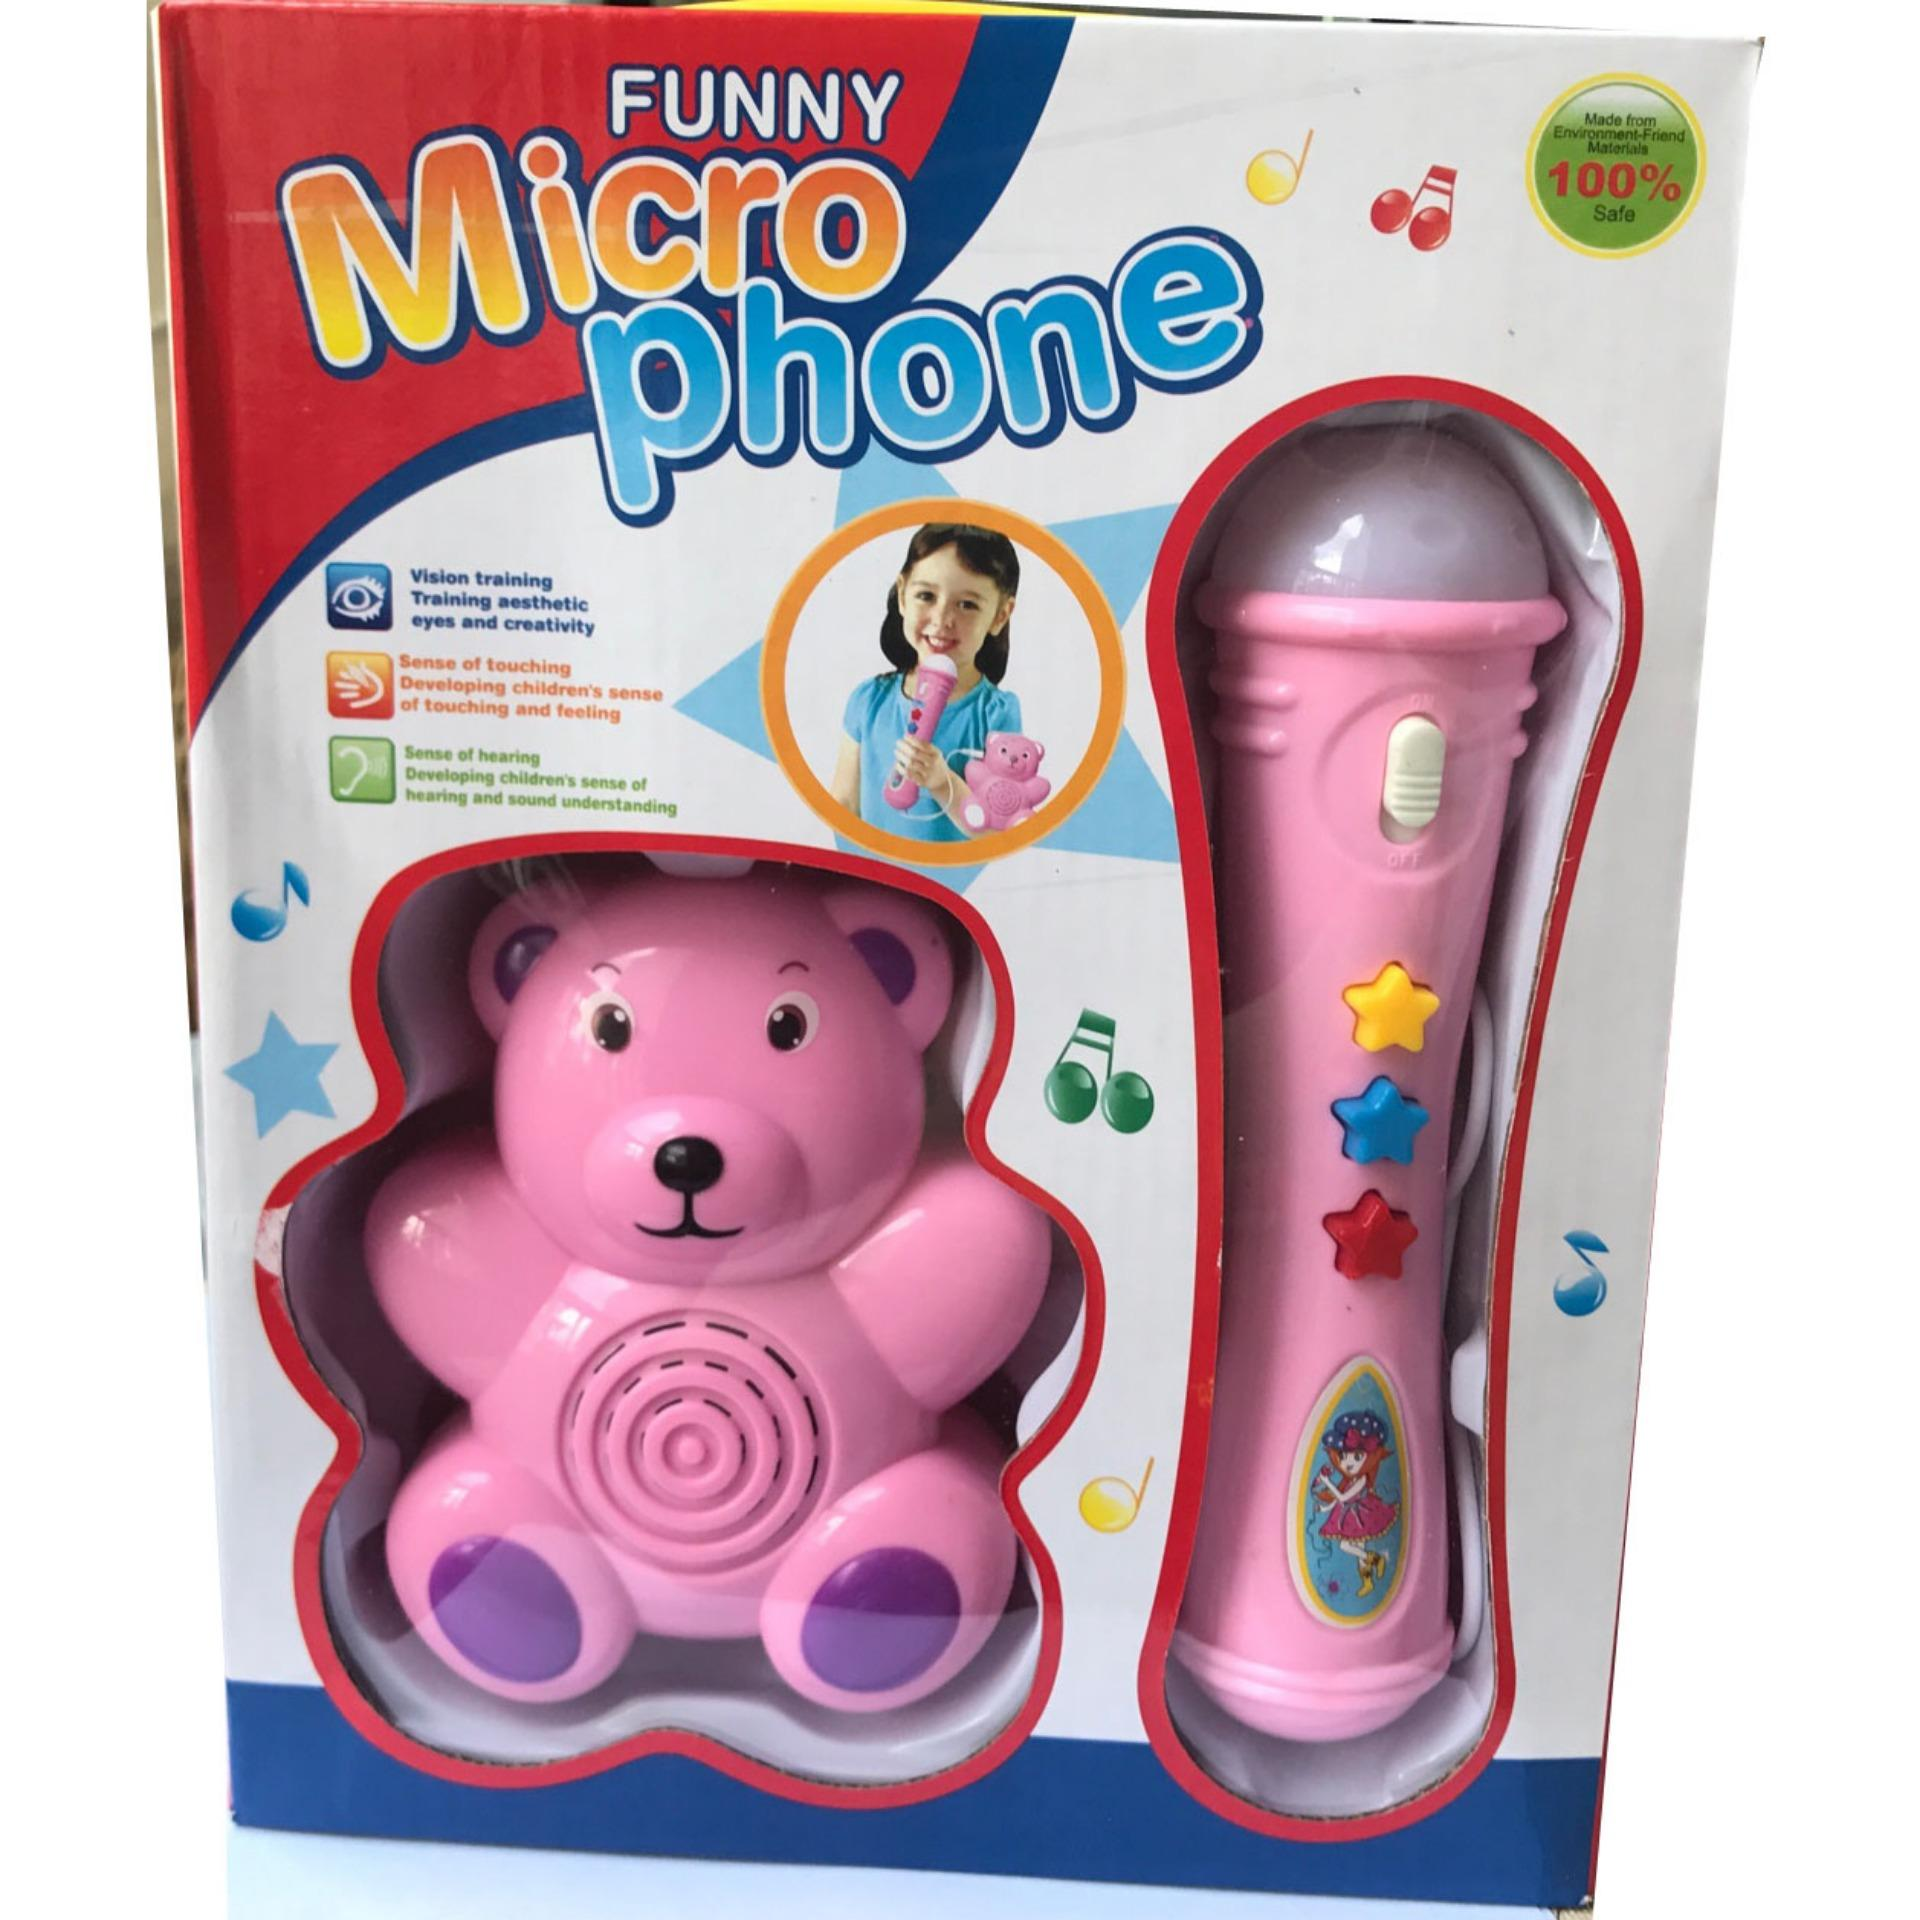 Hình ảnh Bộ Micro Phone Funny cho bé - Thanos Store